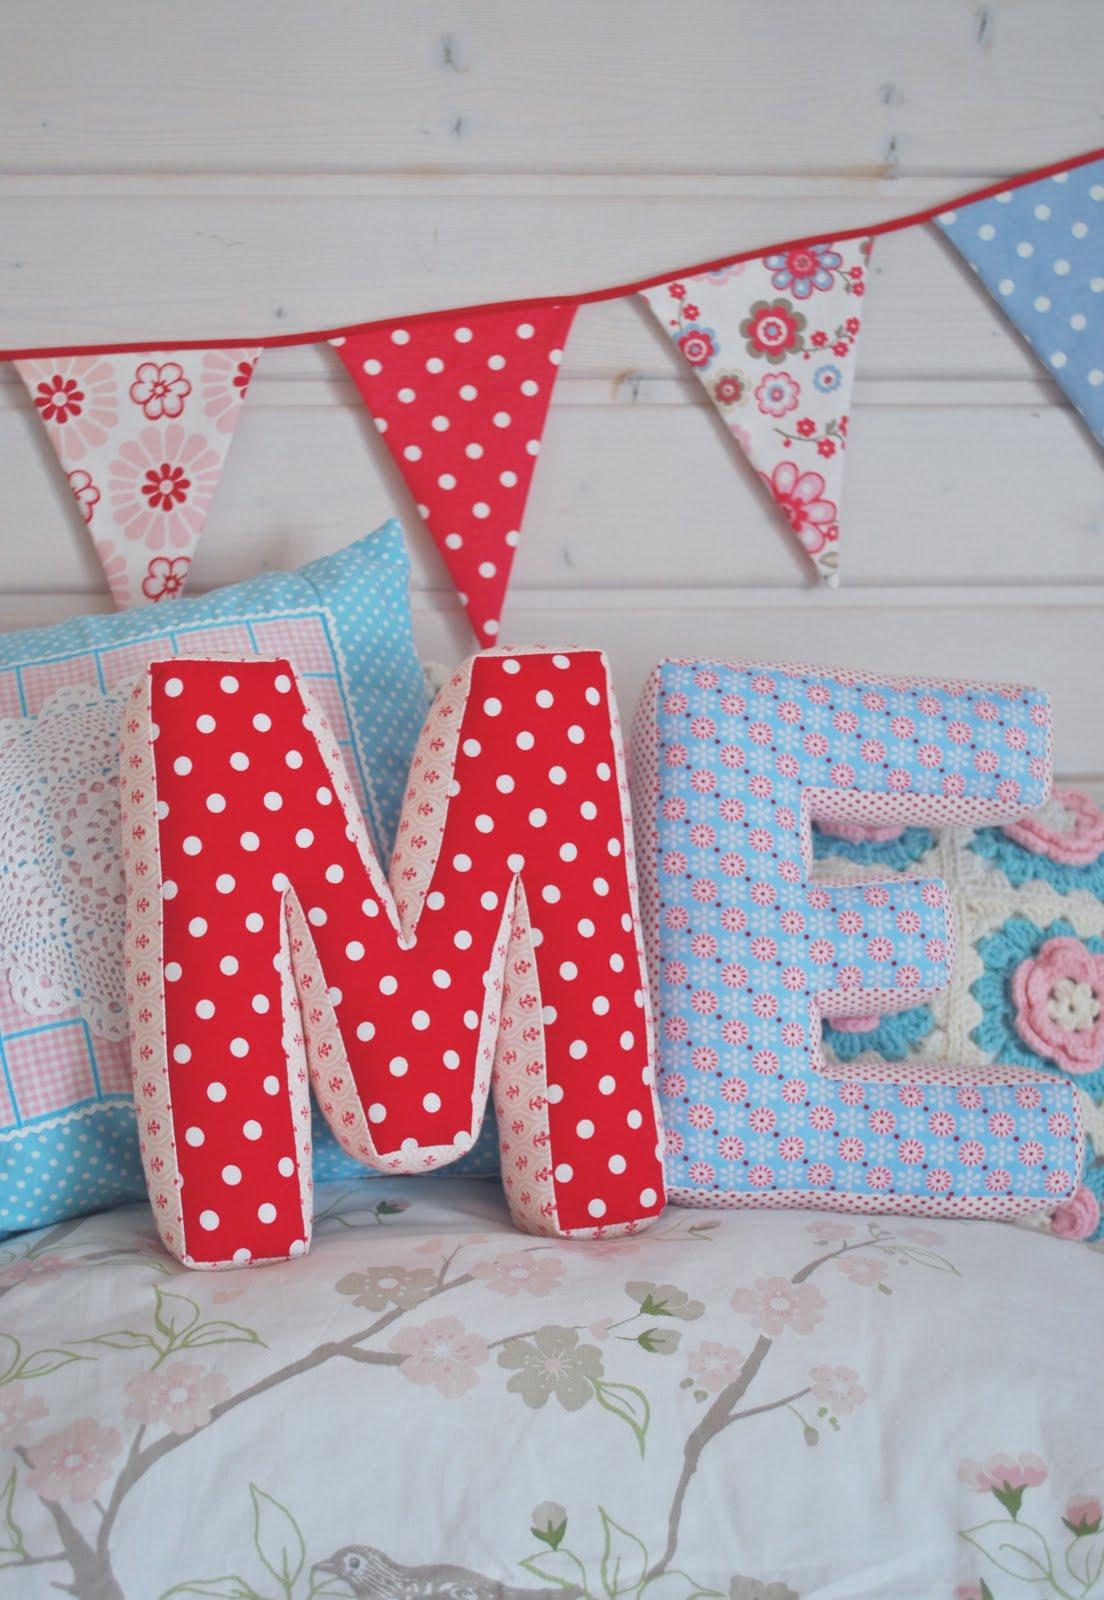 Сшить подушки буквы своими руками выкройки